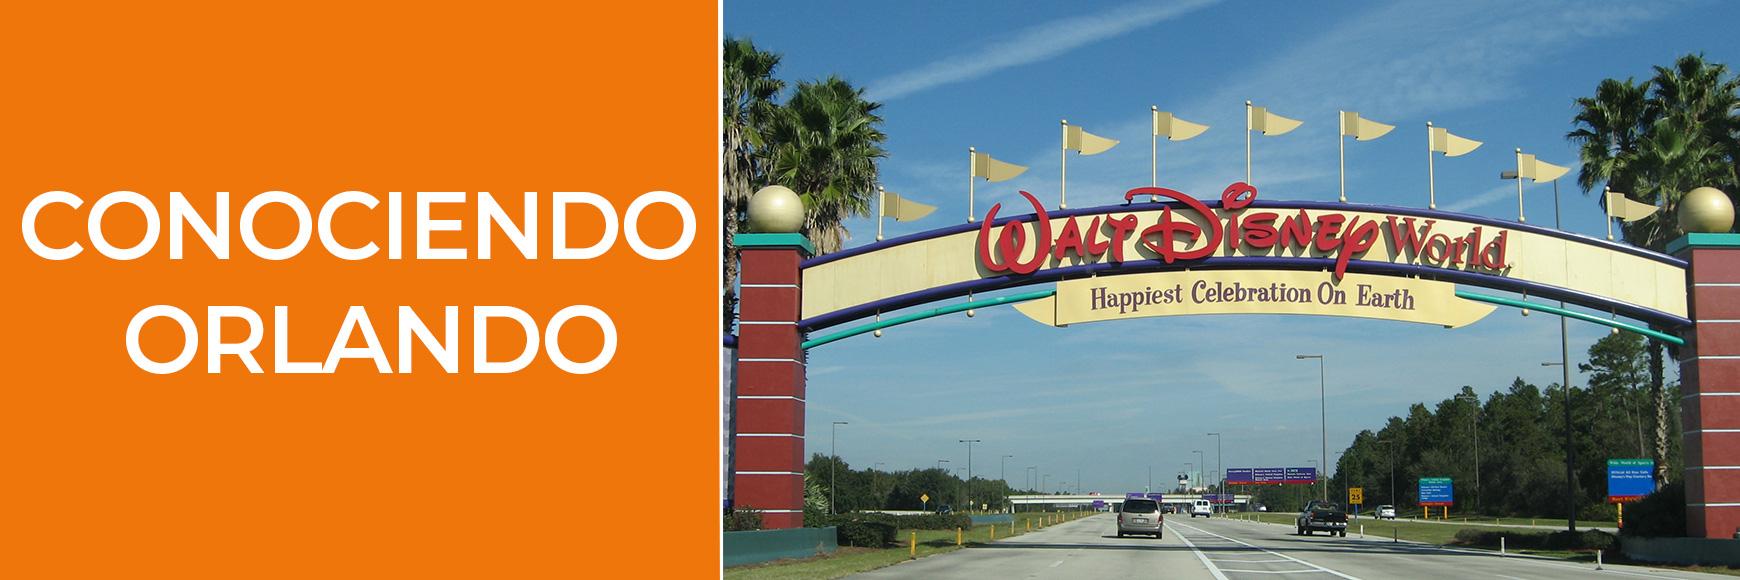 Conociendo Orlando-Banner-Orlando Homes Sales